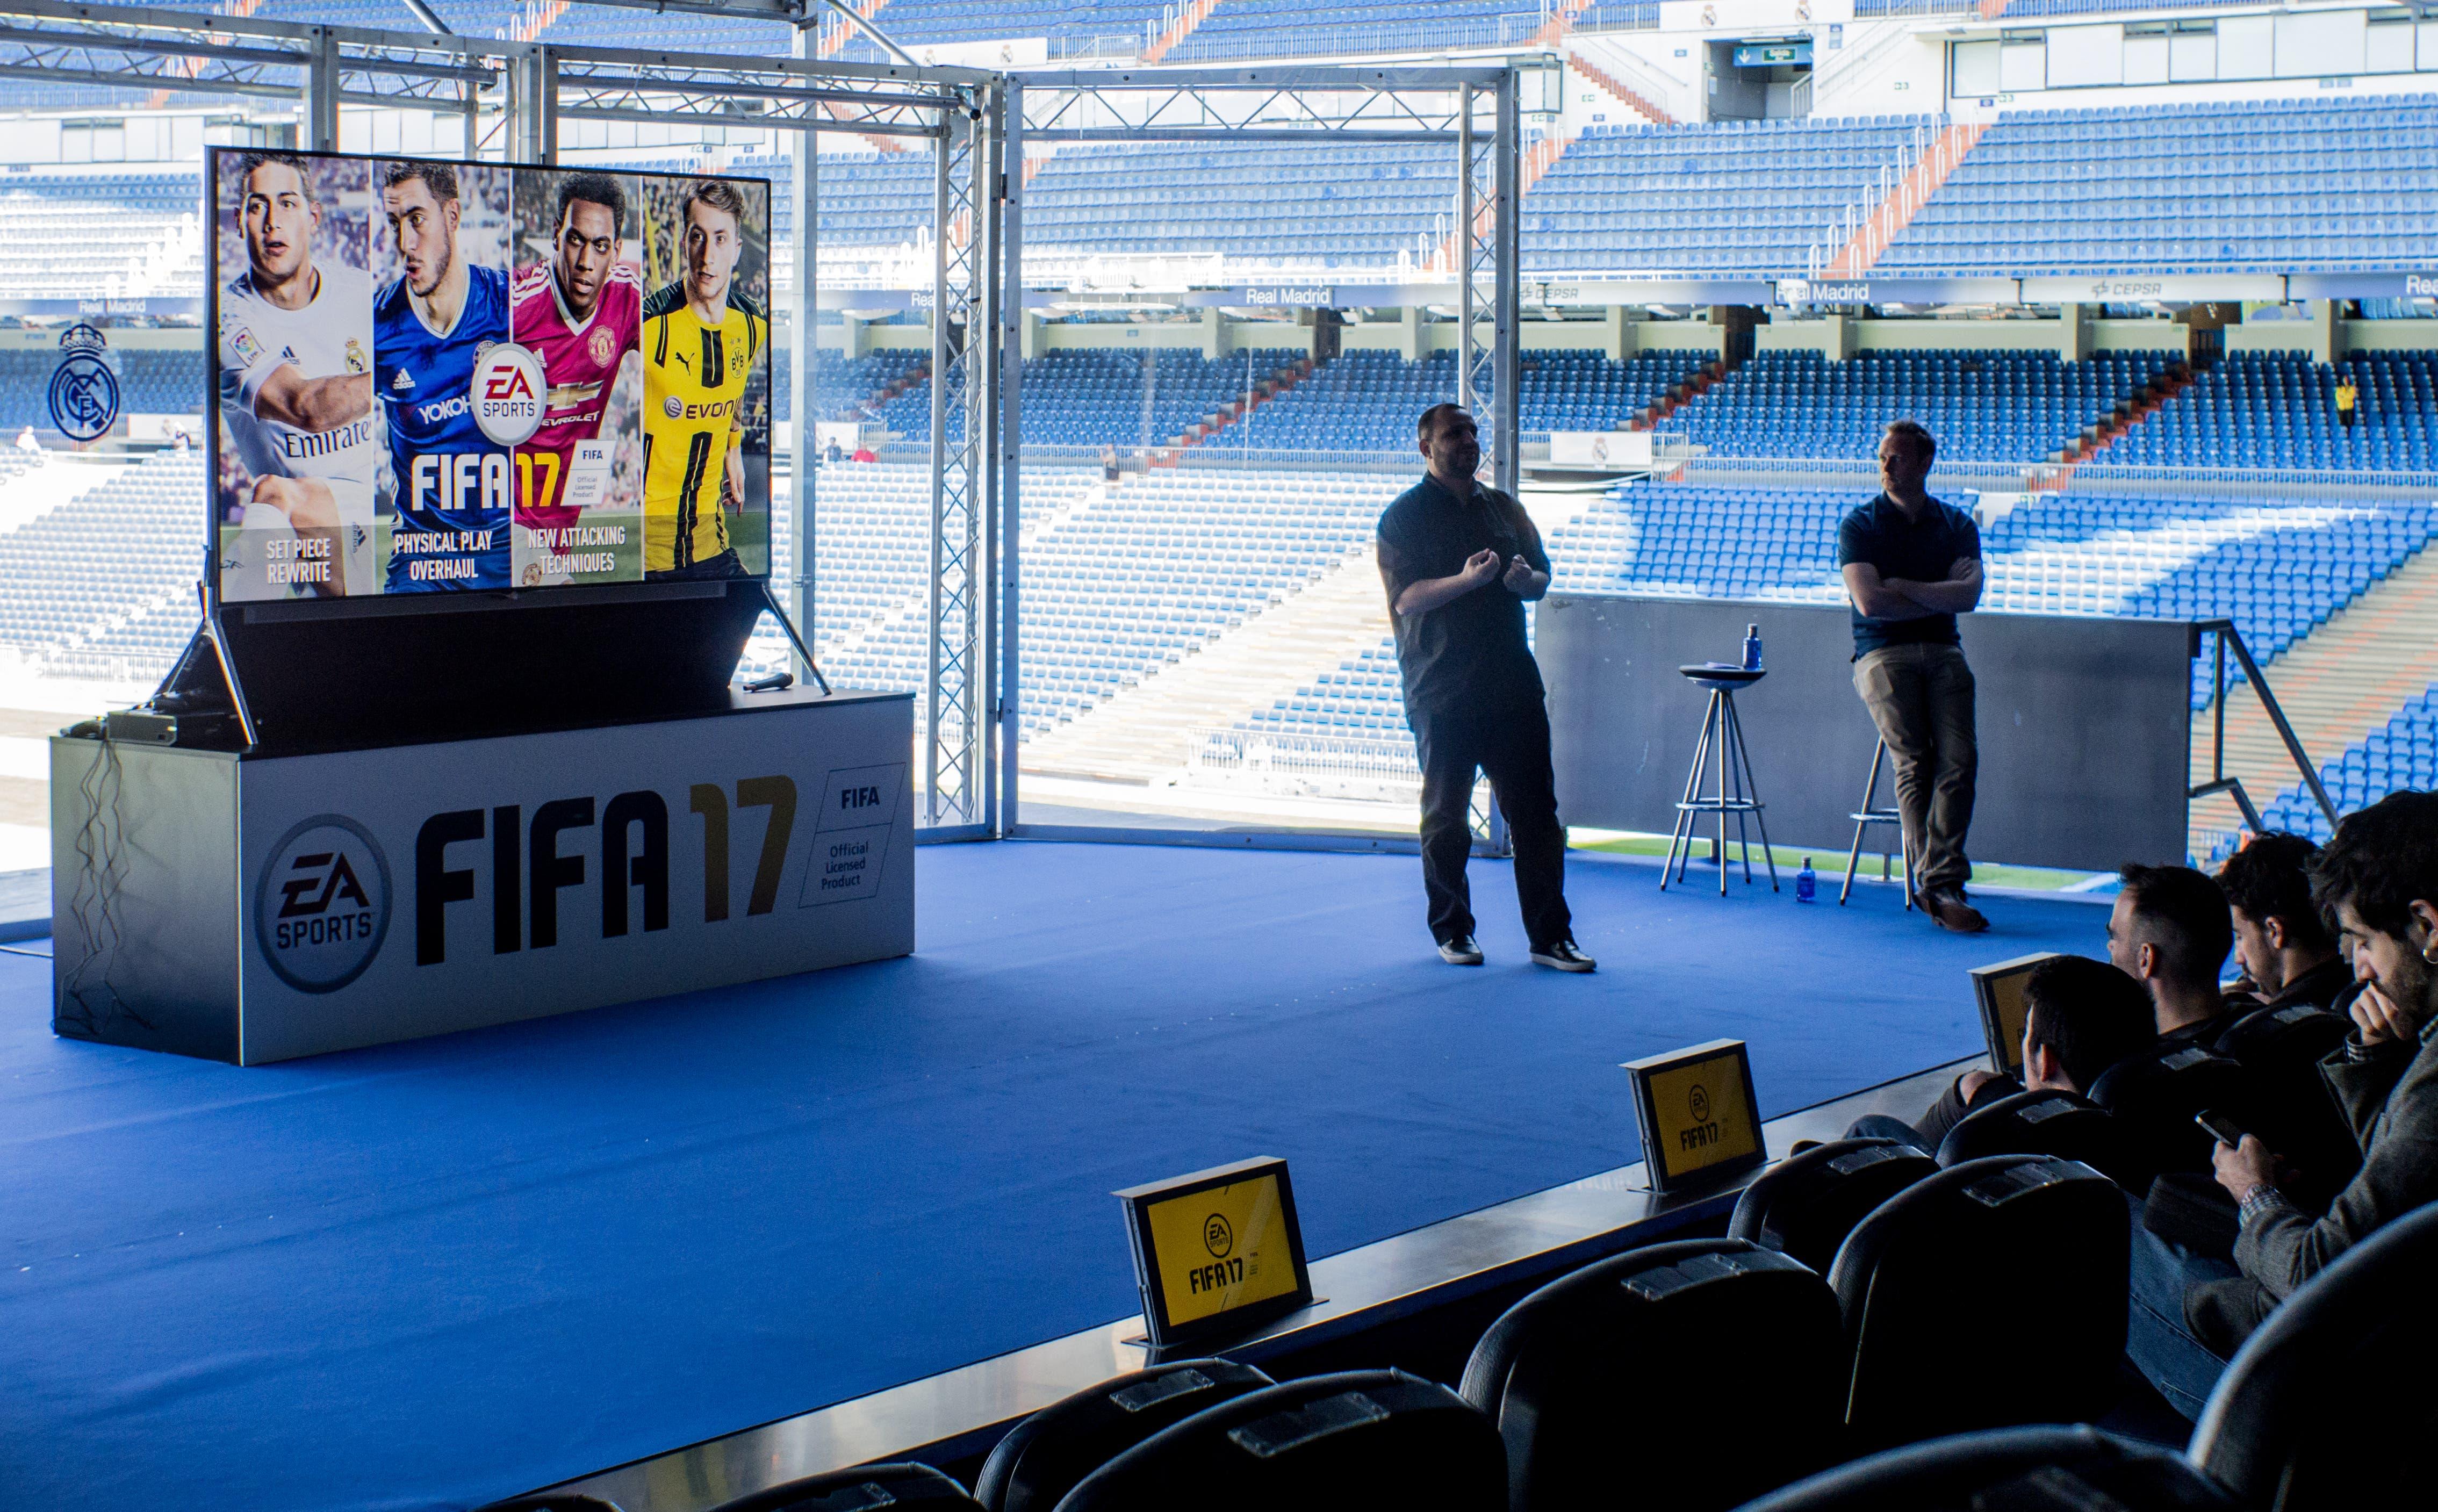 EA_Fifa_17_048